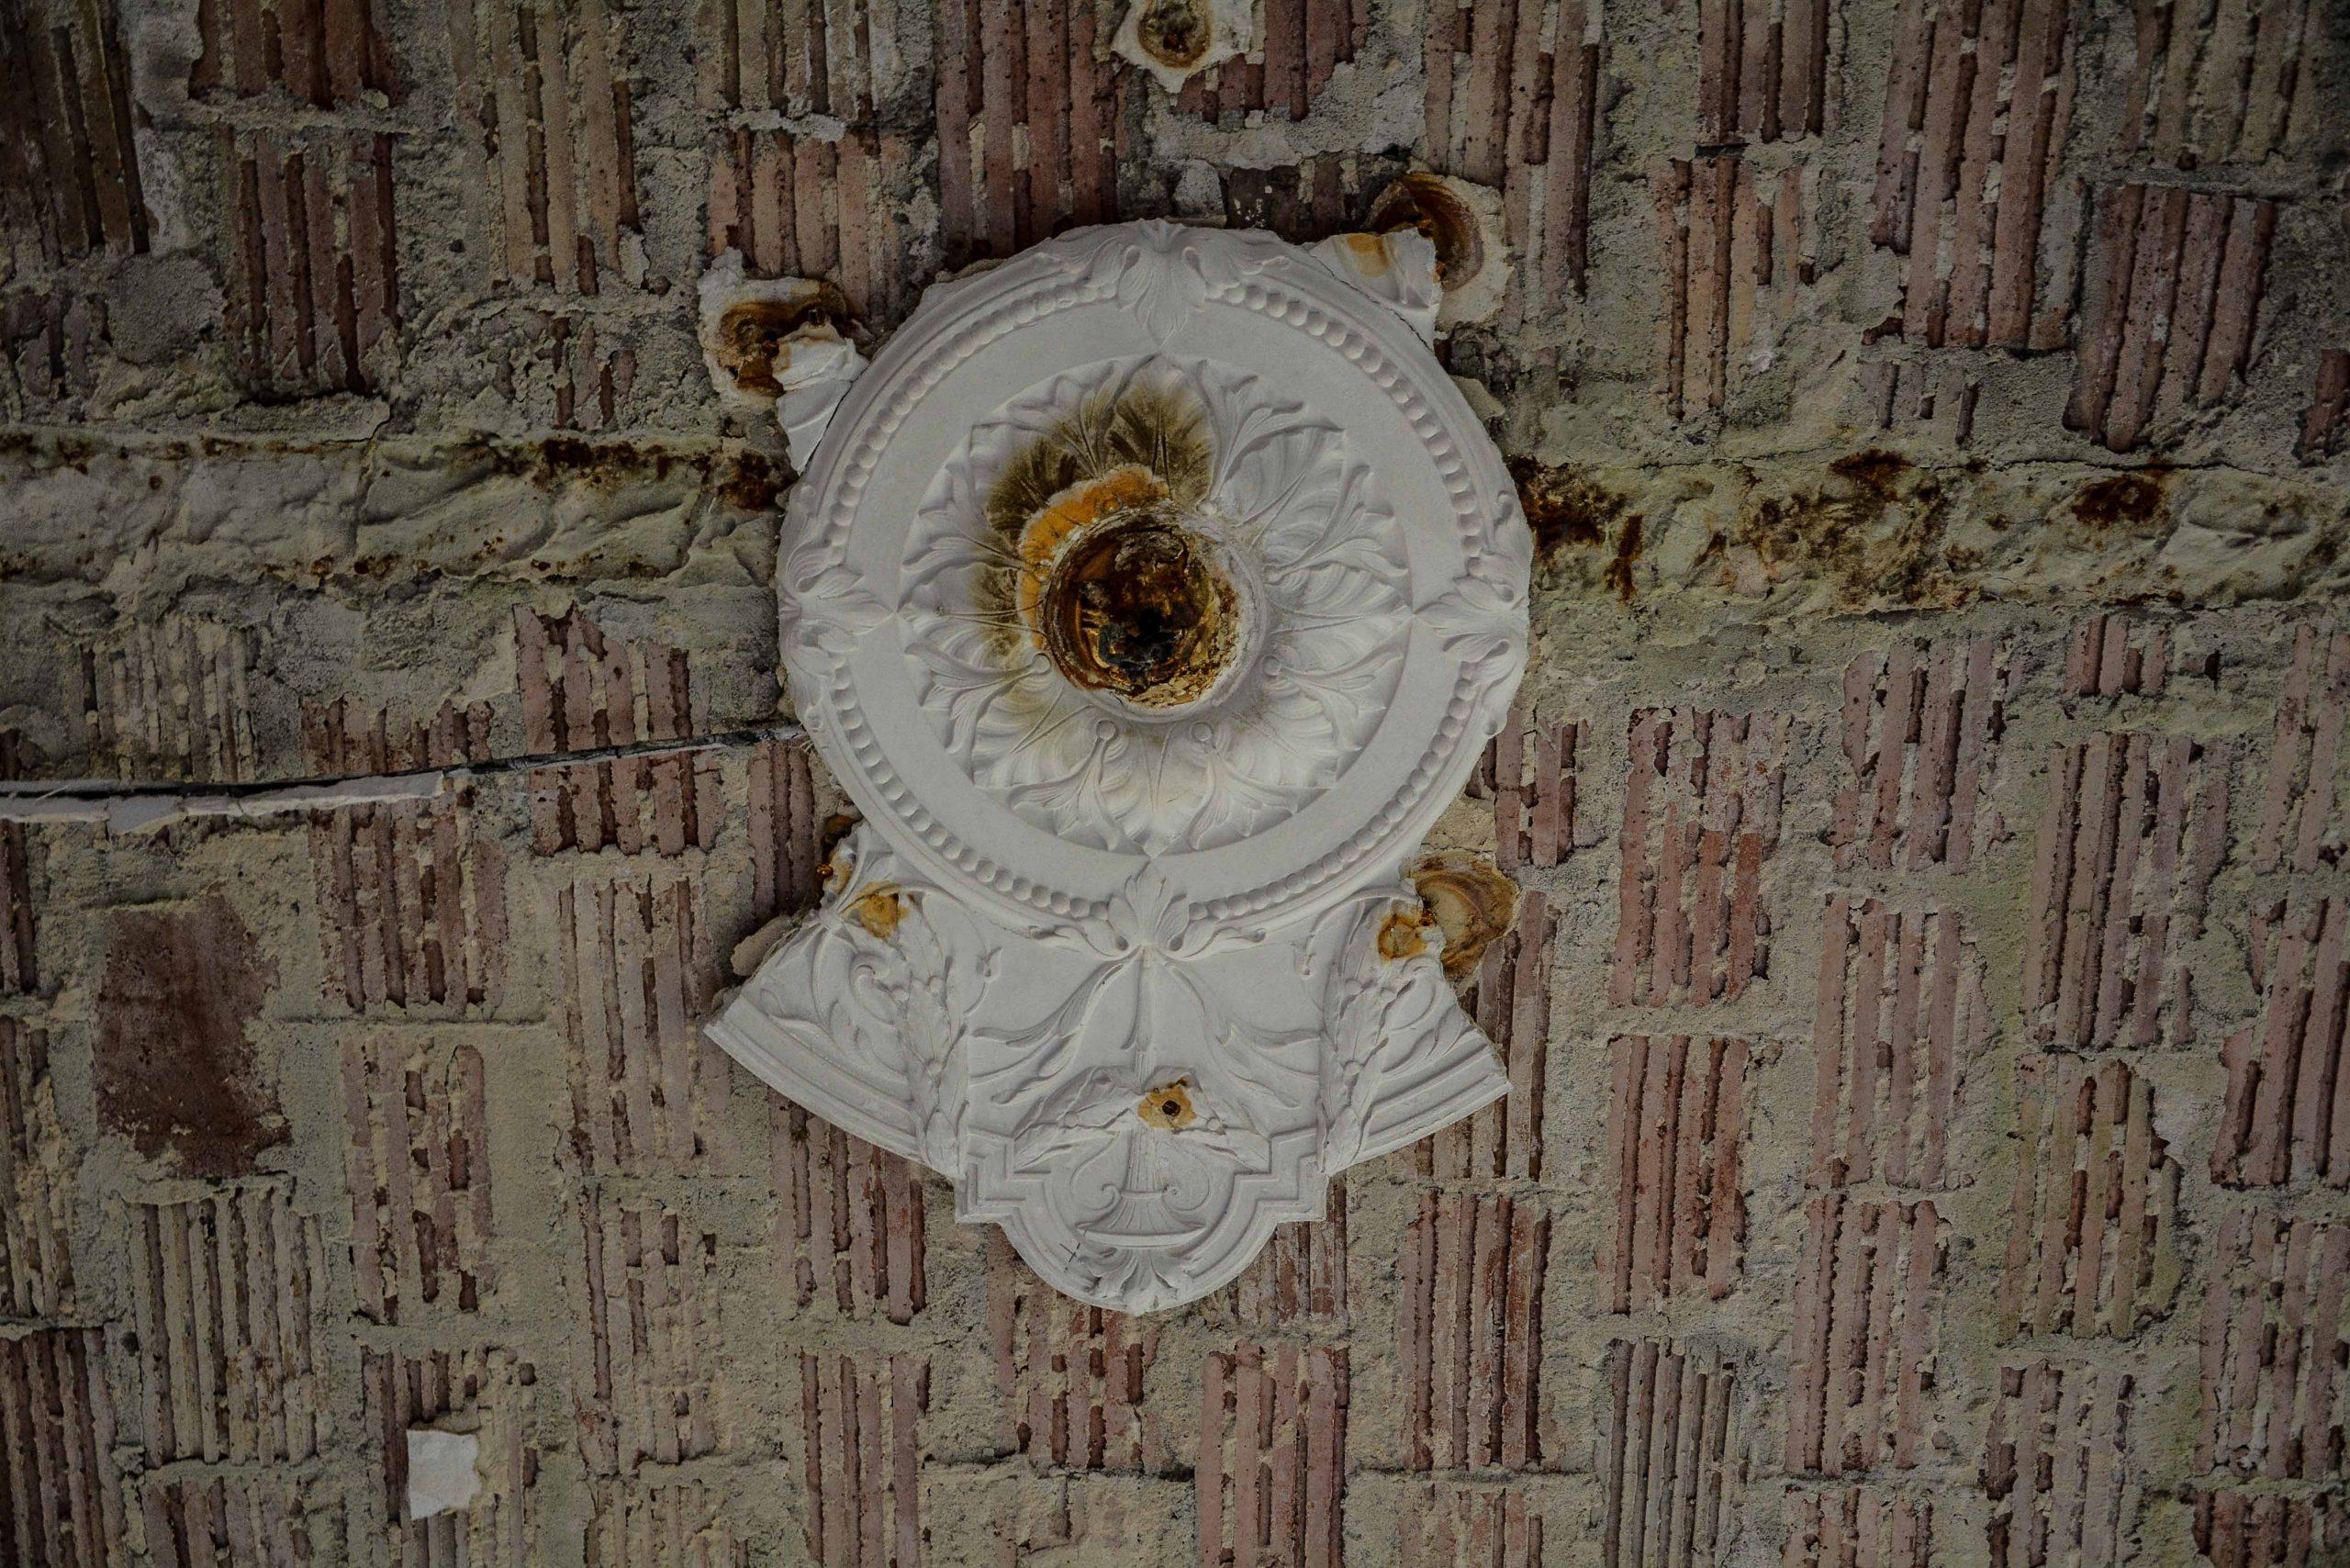 broken ceramic details tuberkulose heilstaette grabowsee sanatorium hospital oranienburg lost places abandoned urbex brandenburg germany deutschland